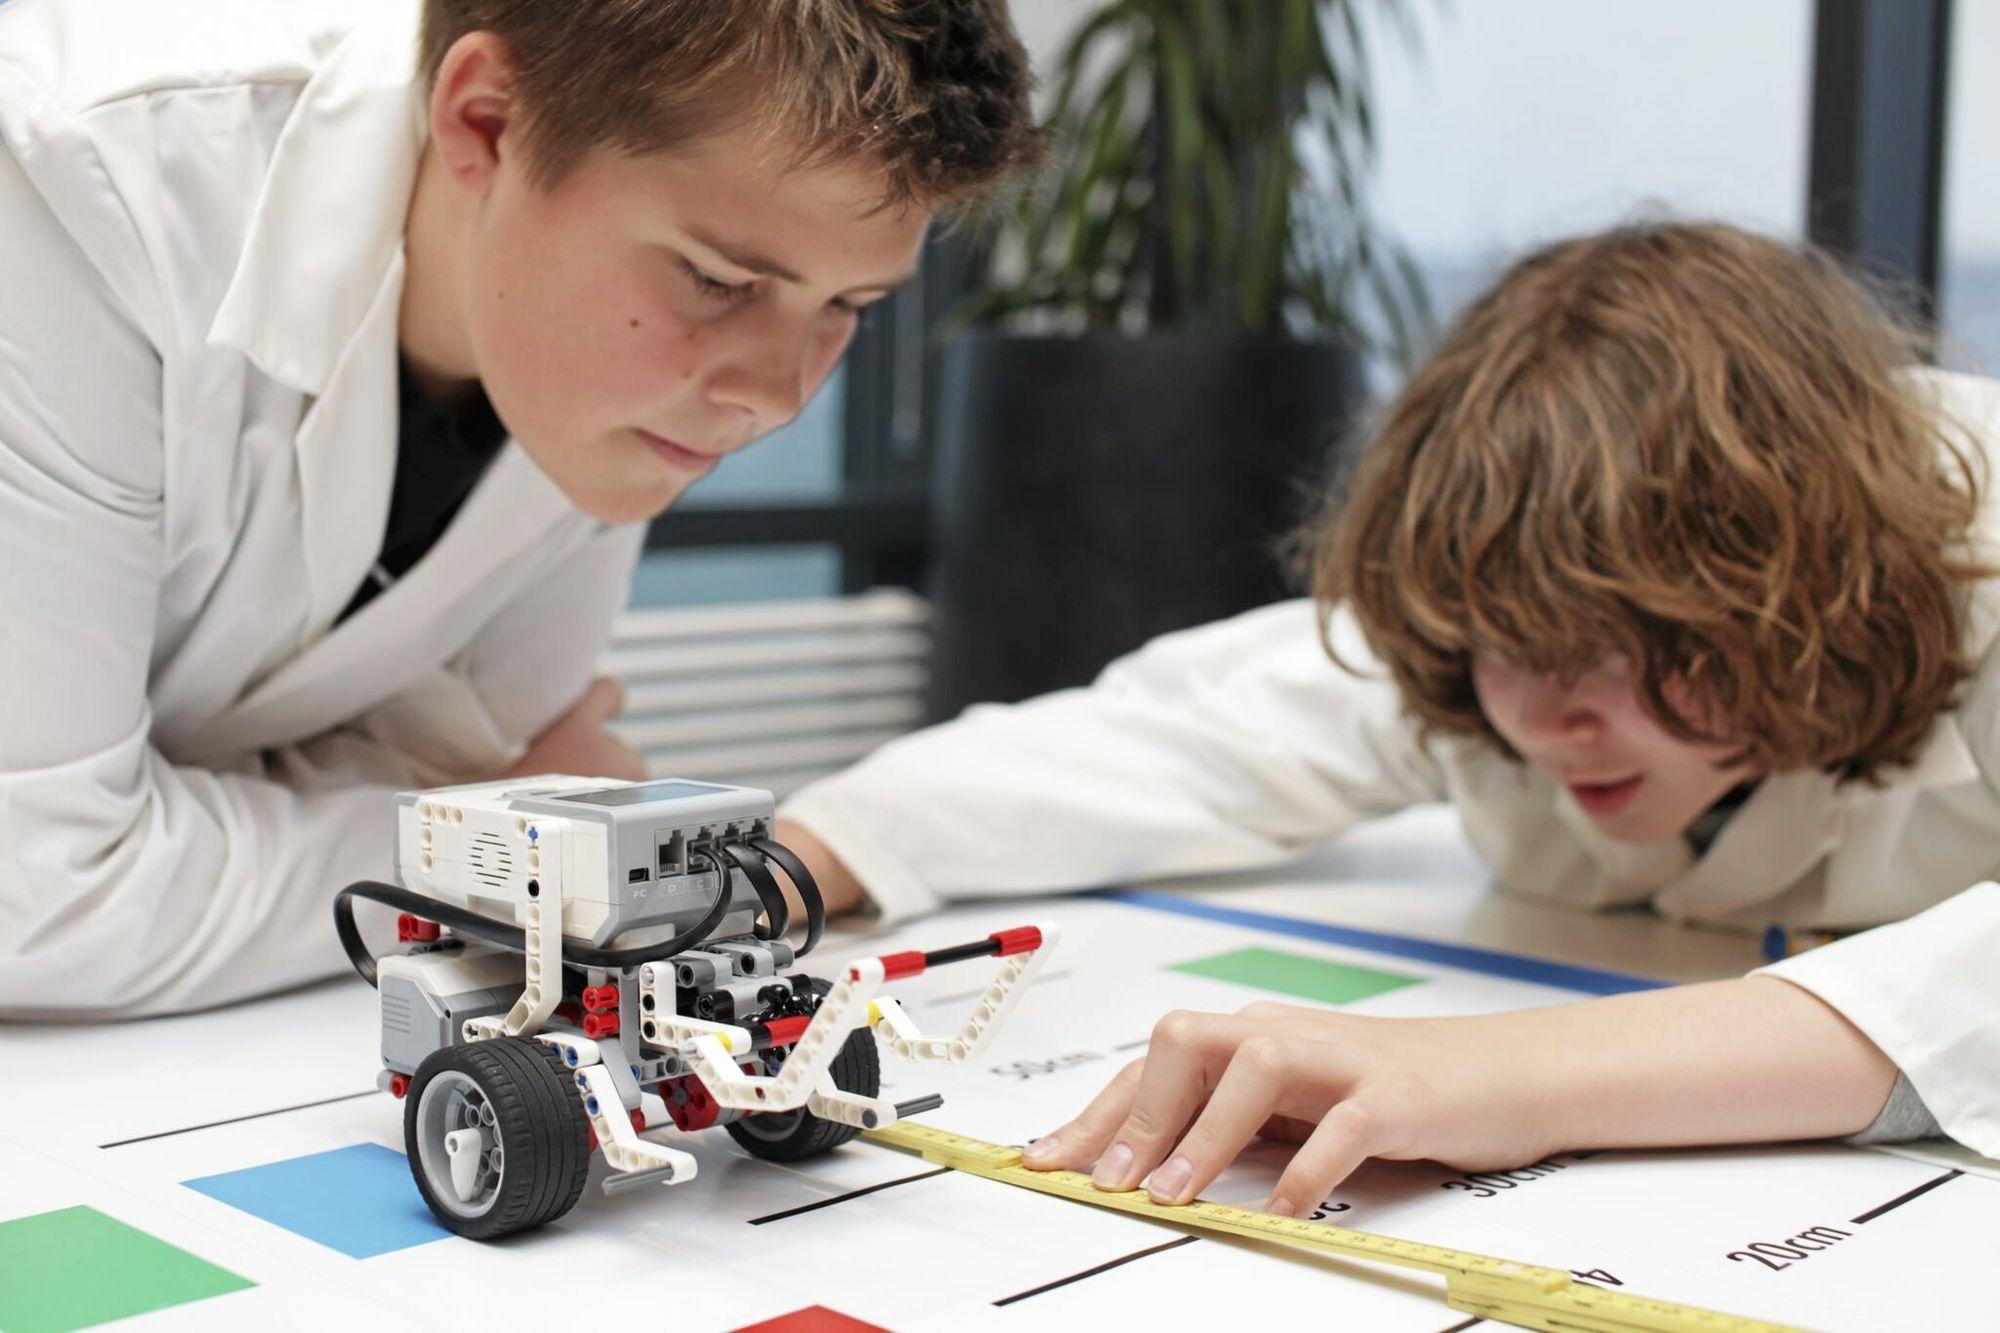 ROBOT OG MATTE: Det anbefales å starte med en velutprøvd modull som robot og matematikk, og utvikle den senere med en annen modull.